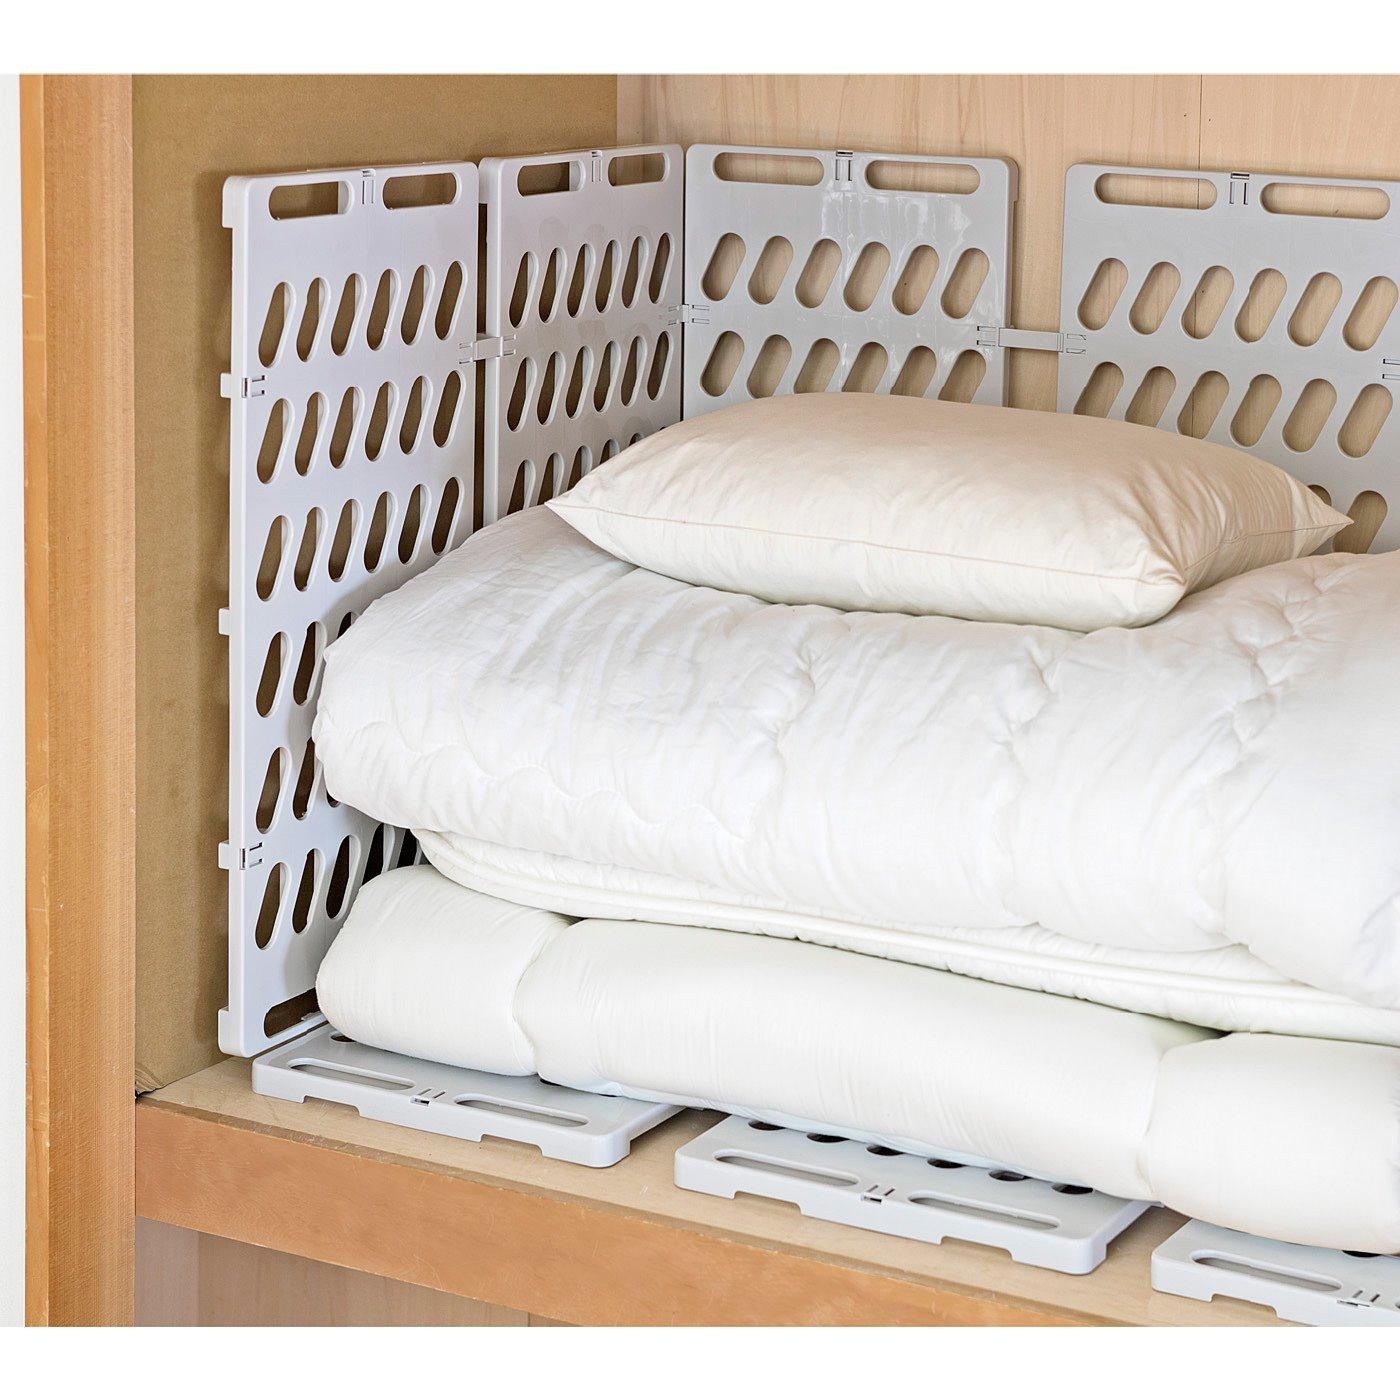 押入れの湿気・かび対策に 壁面にも設置できる樹脂製すのこの会